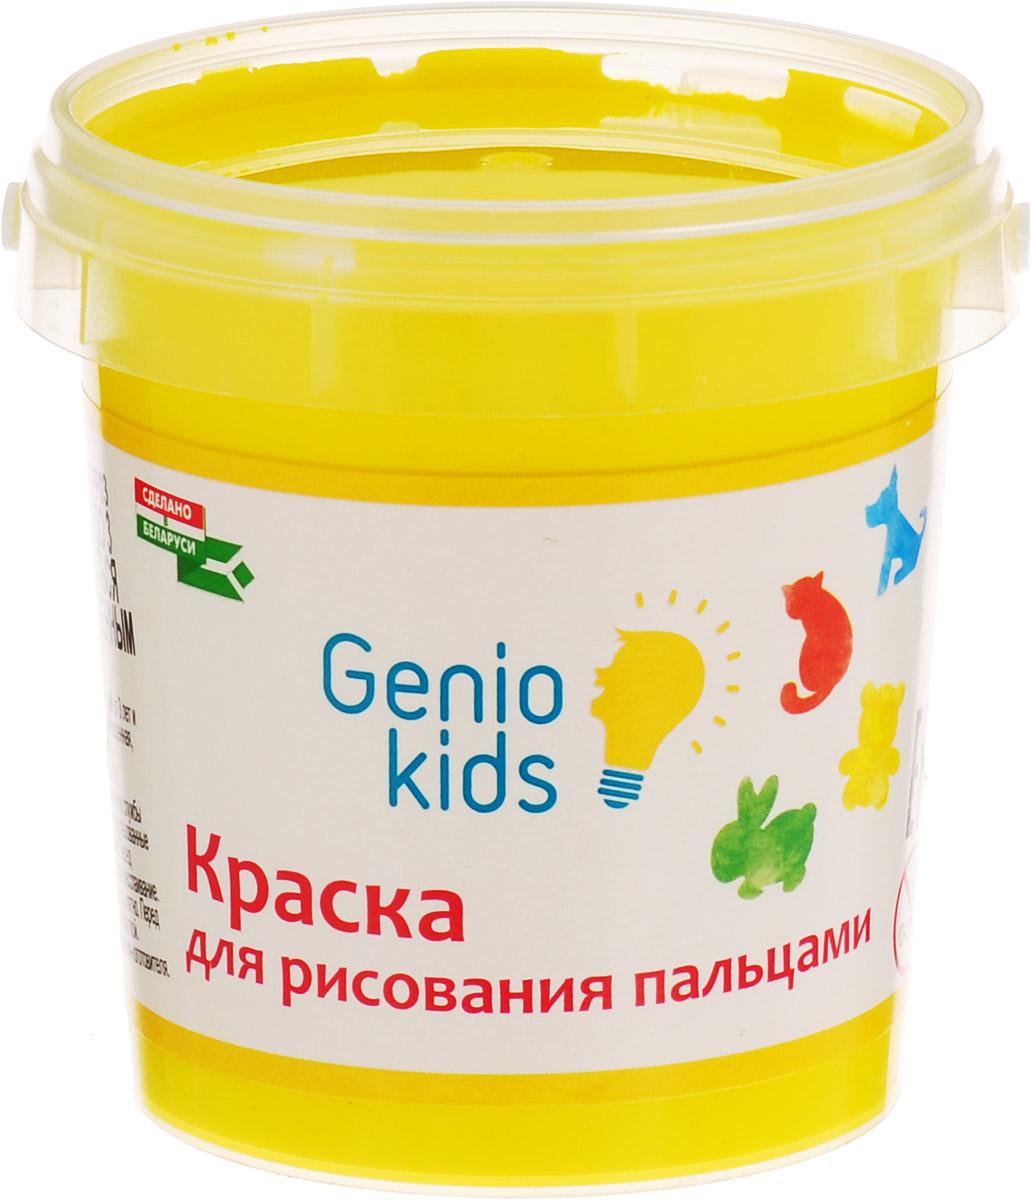 Genio Kids Краска пальчиковая цвет желтый 100 млCS-MA4190100Одним из самых легких и интересных видов творчества, в котором ваш ребенок с удовольствием примет активное участие - это рисование.Пальчиковая краска Genio Kids даст вашему ребенку возможность проявить себя, предоставив необходимый минимум творческих принадлежностей. При использовании краски не понадобятся ни кисточка, ни вода, достаточно просто открыть банку, окунуть в краску пальчик - и можно приступать к творчеству.Пальчиковая краска безопасна, легко смывается с рук и любых поверхностей. Рисование будет развивать у вашего малыша творческие способности, воображение, логику, память, мышление.